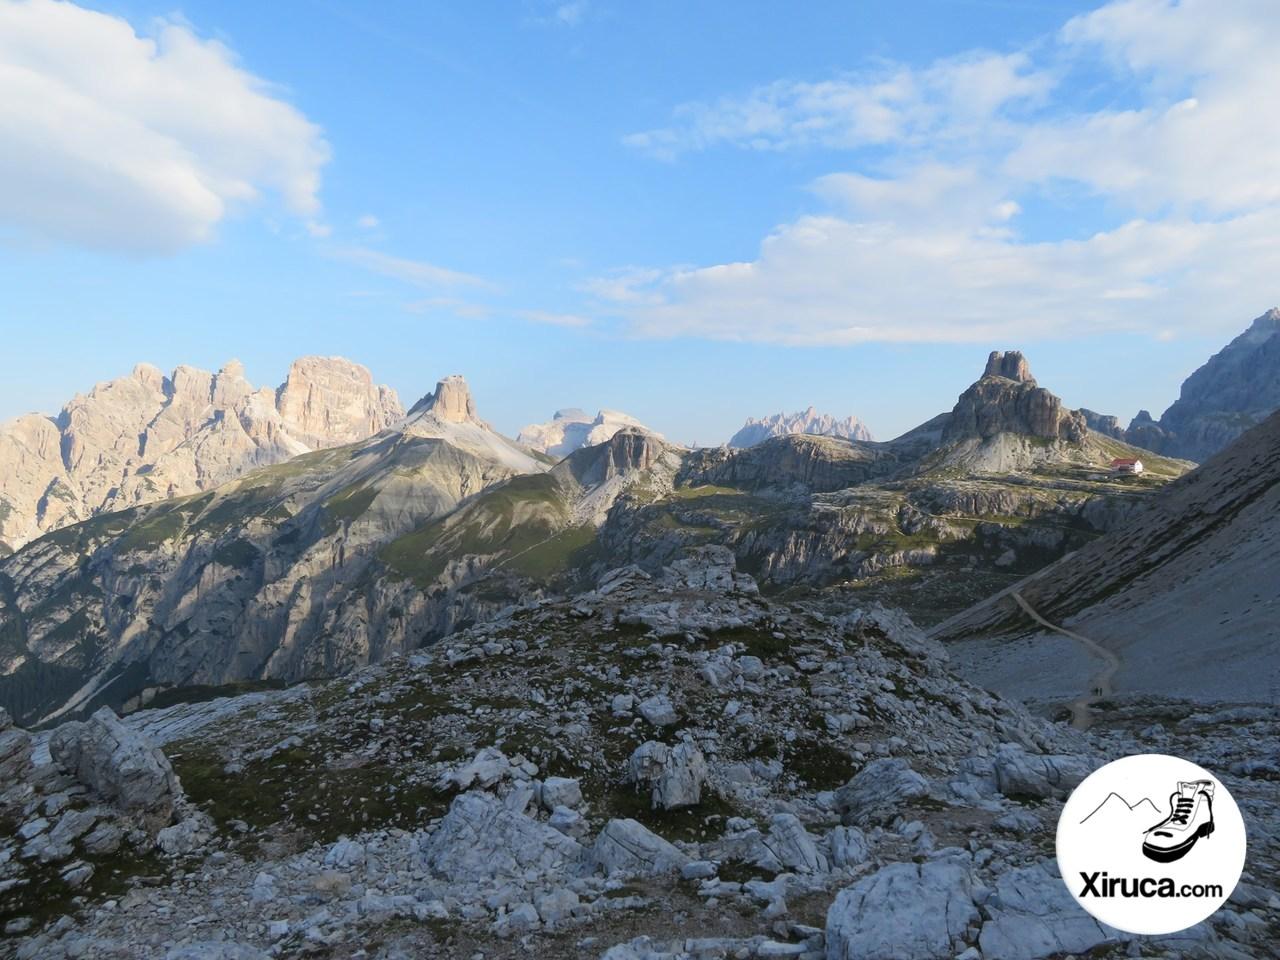 Cimas del Parque Natural de Tre Cime y Rifugio Locatelli